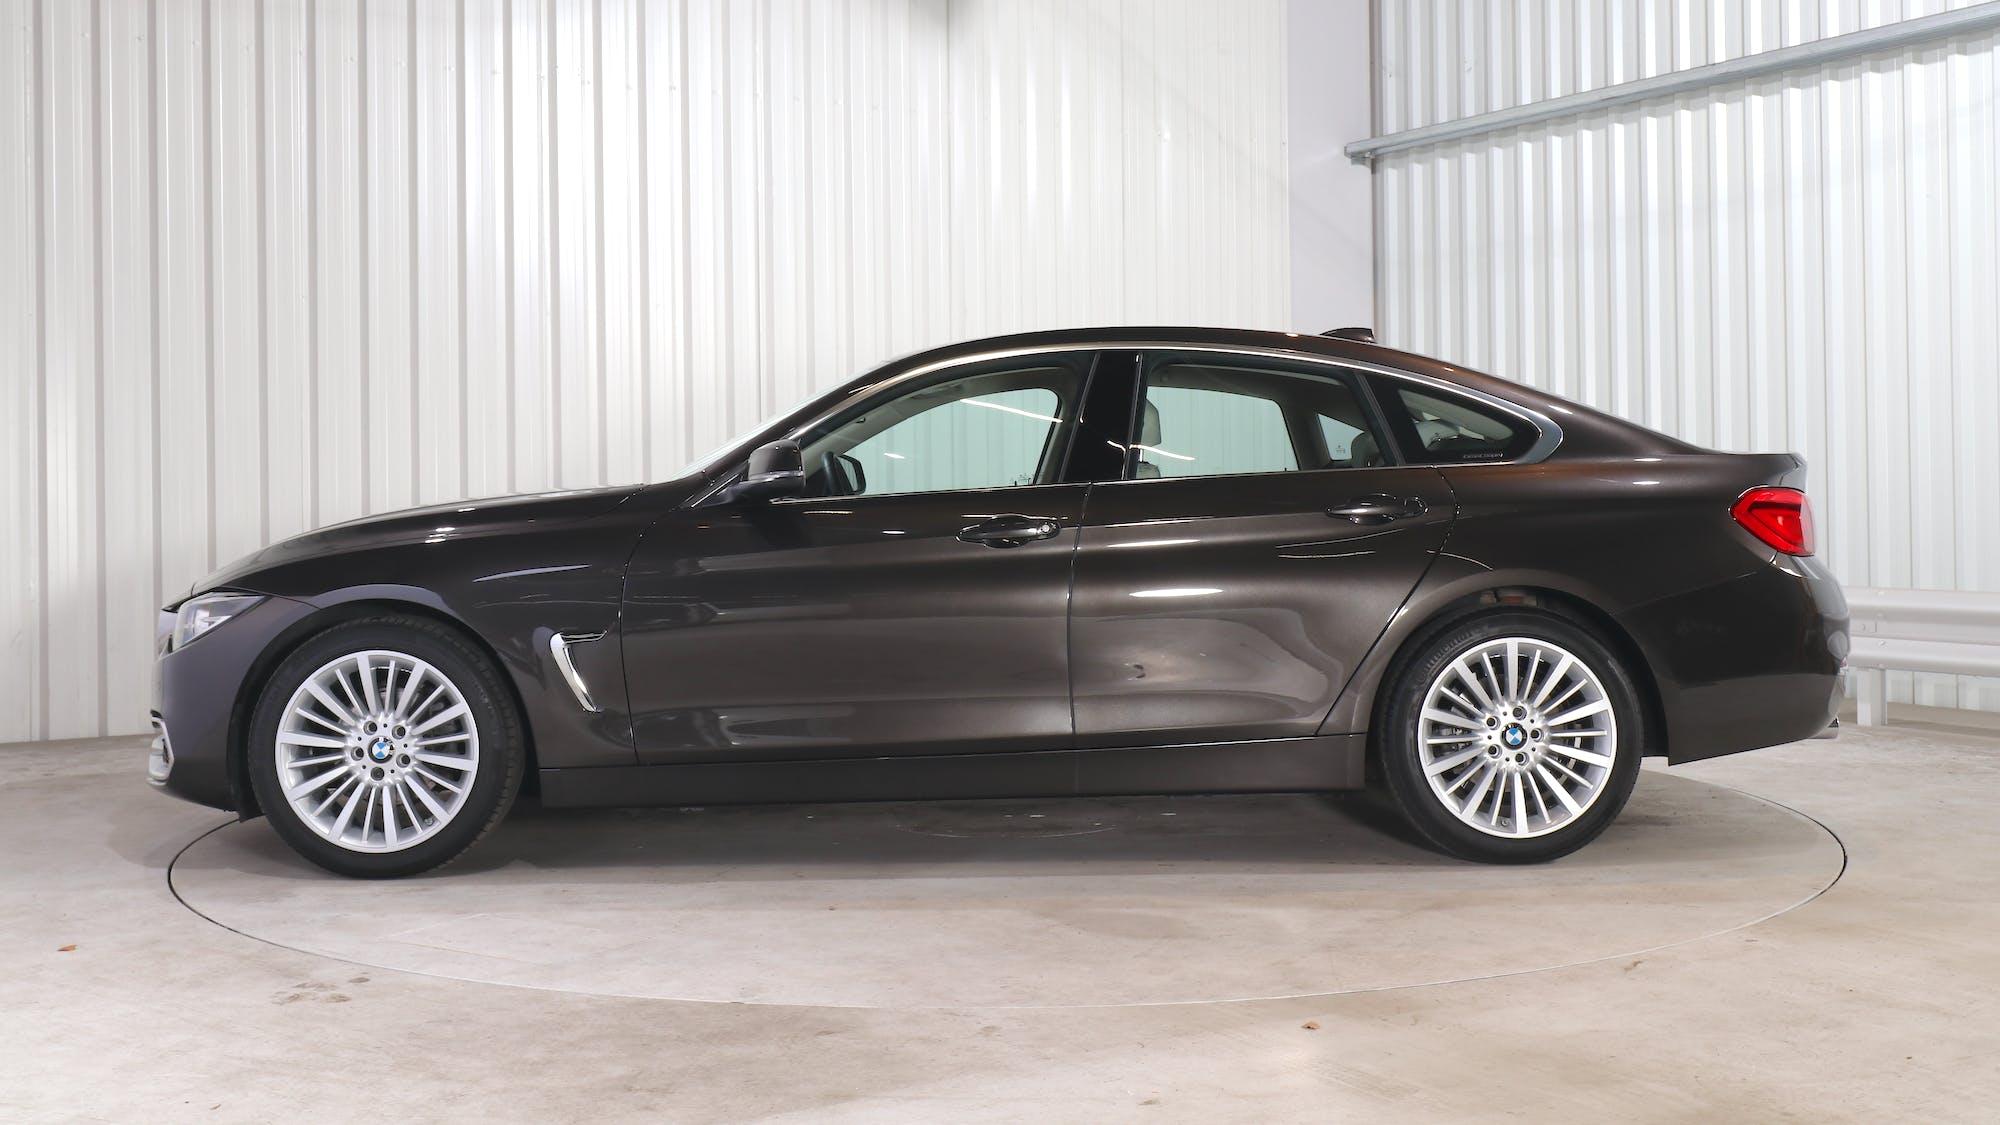 BMW 4 GRAN COUPÉ leasing exterior 2